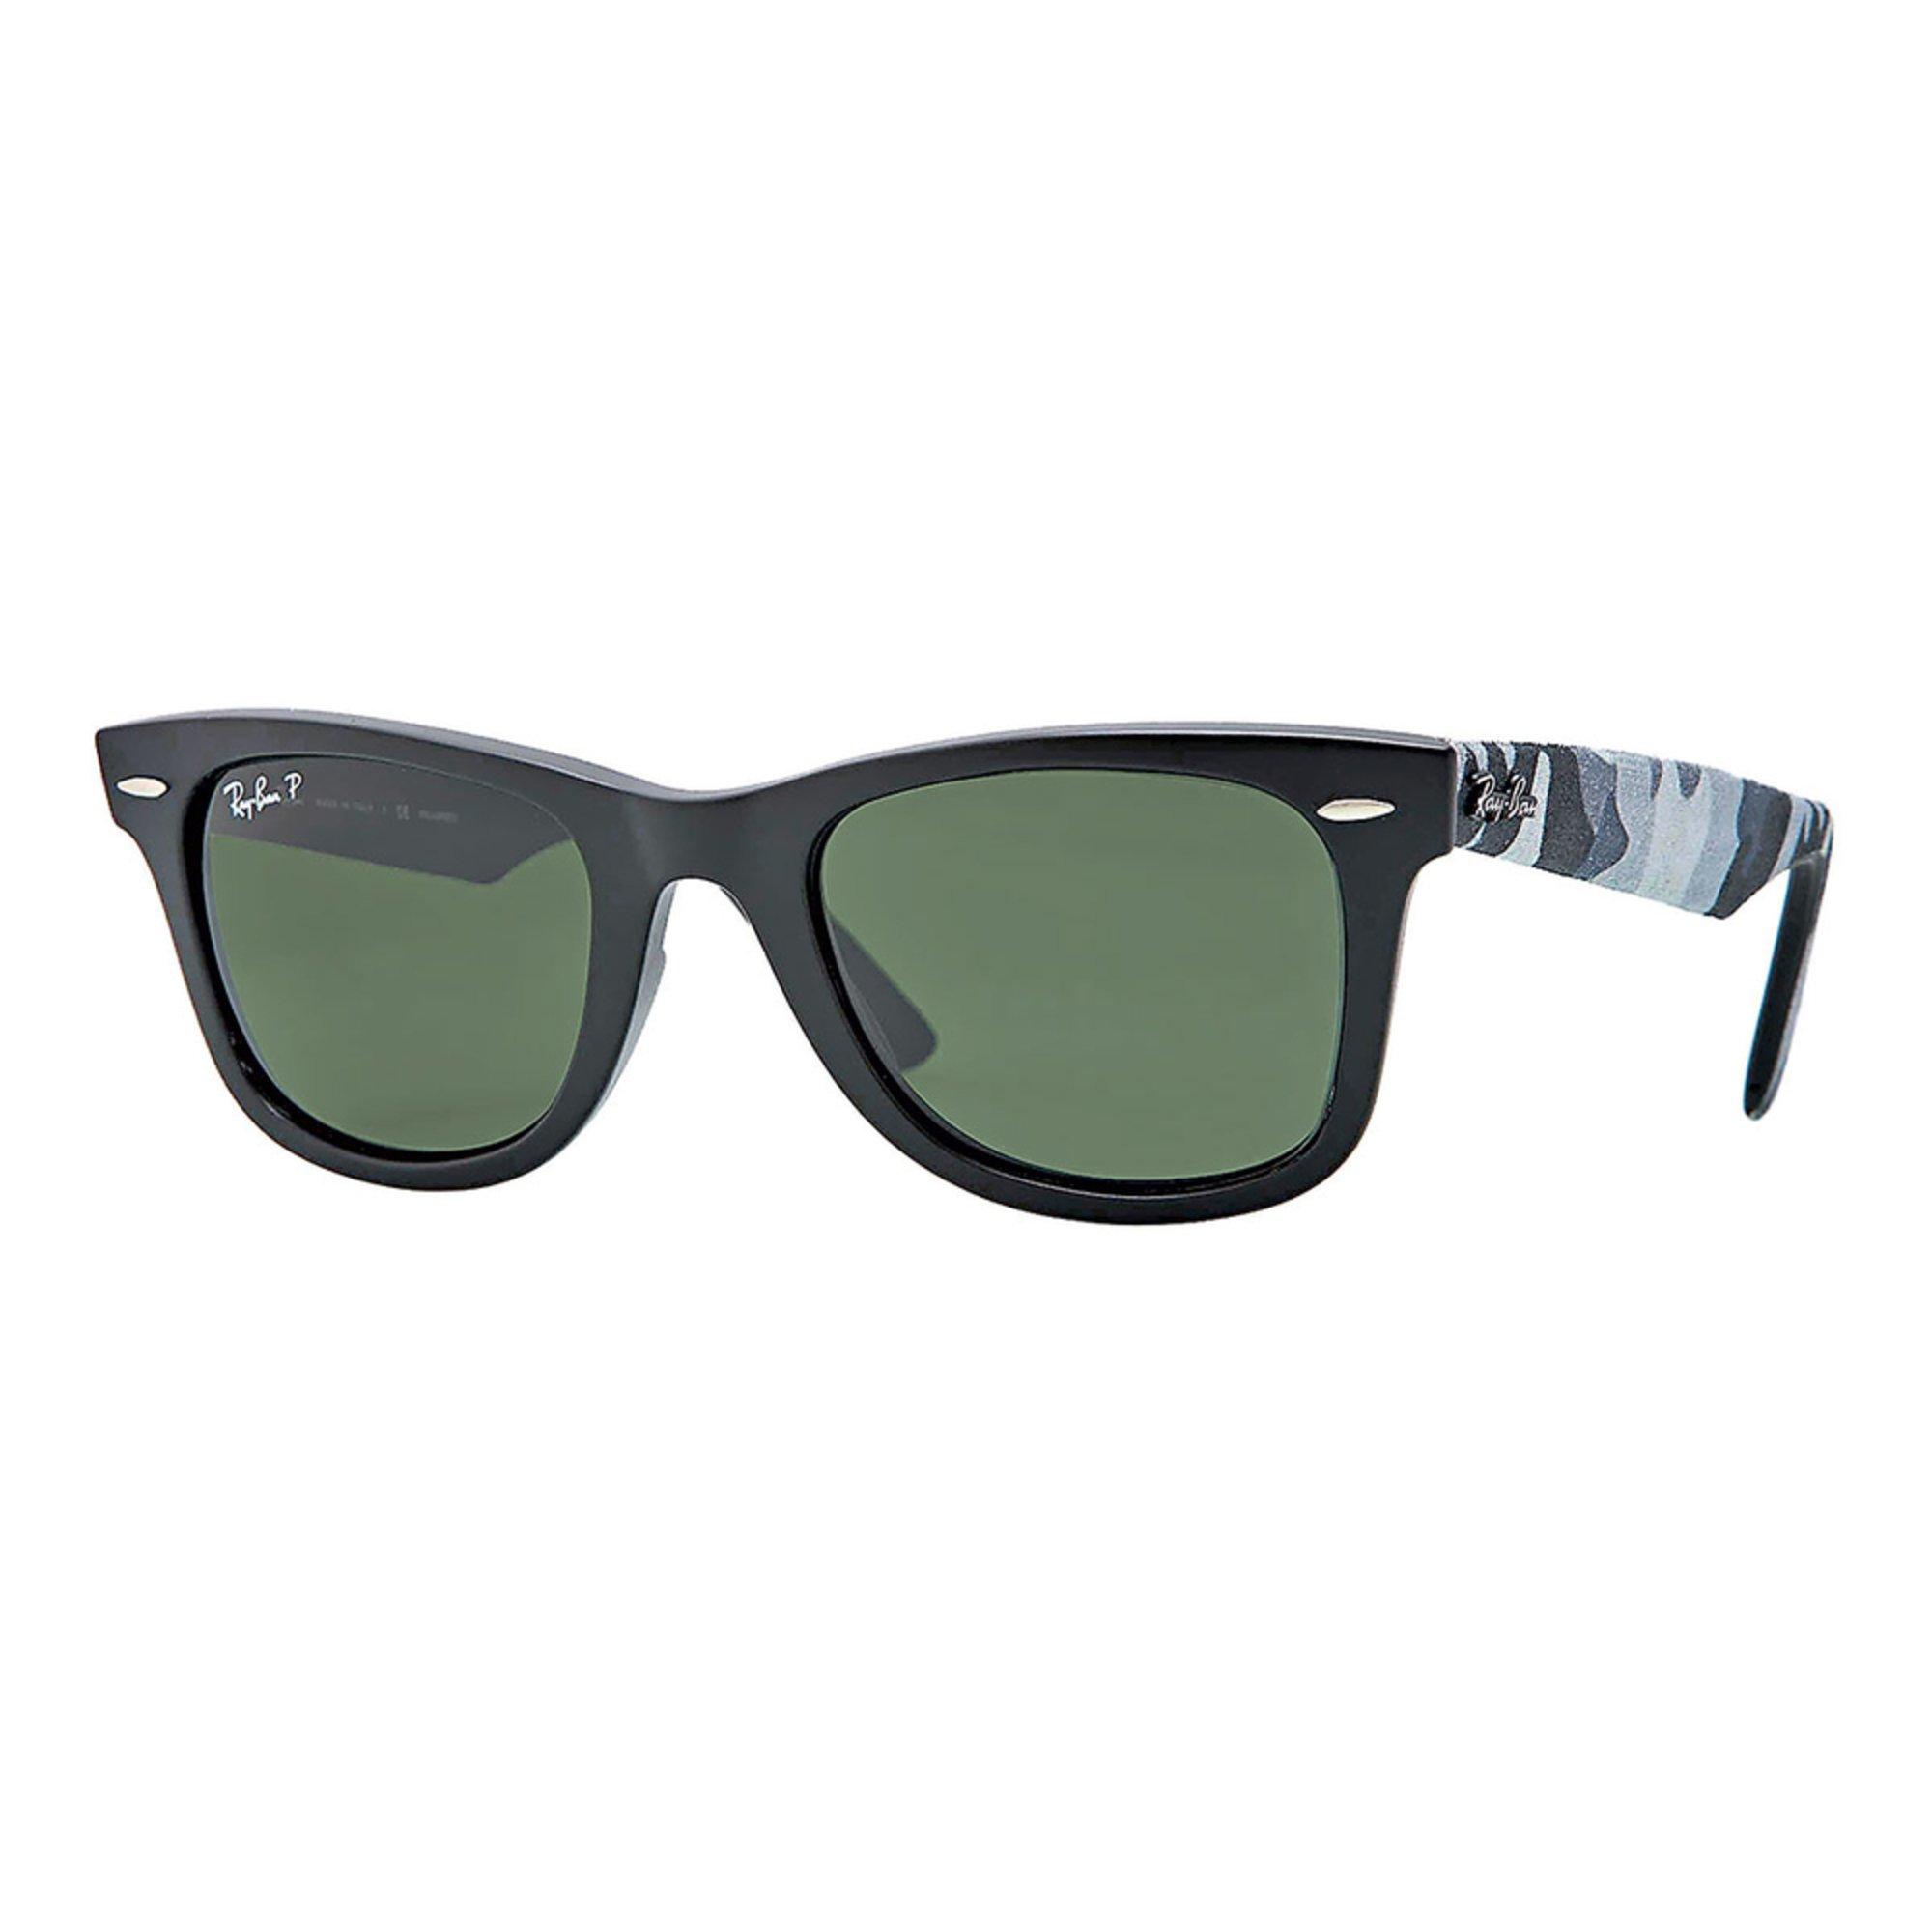 76425842e93 Original Ray Ban Wayfair Polarized Safety Glasses « Heritage Malta